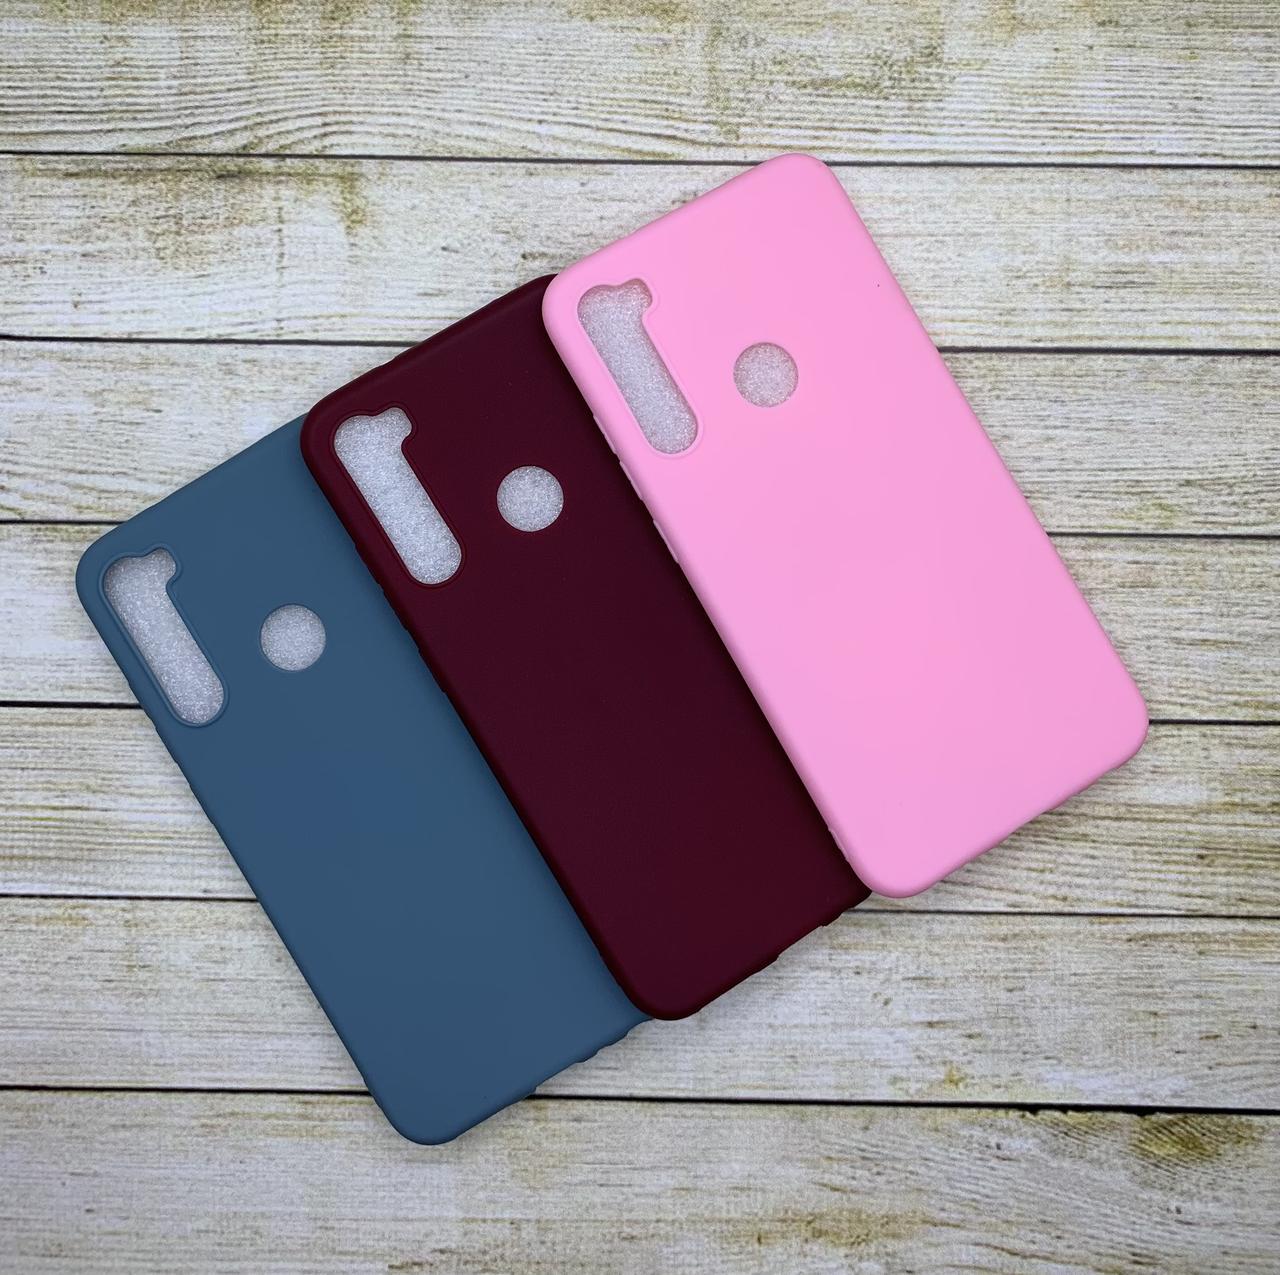 Чехол Xiaomi Redmi Note 8 силиконовый цветной бампер